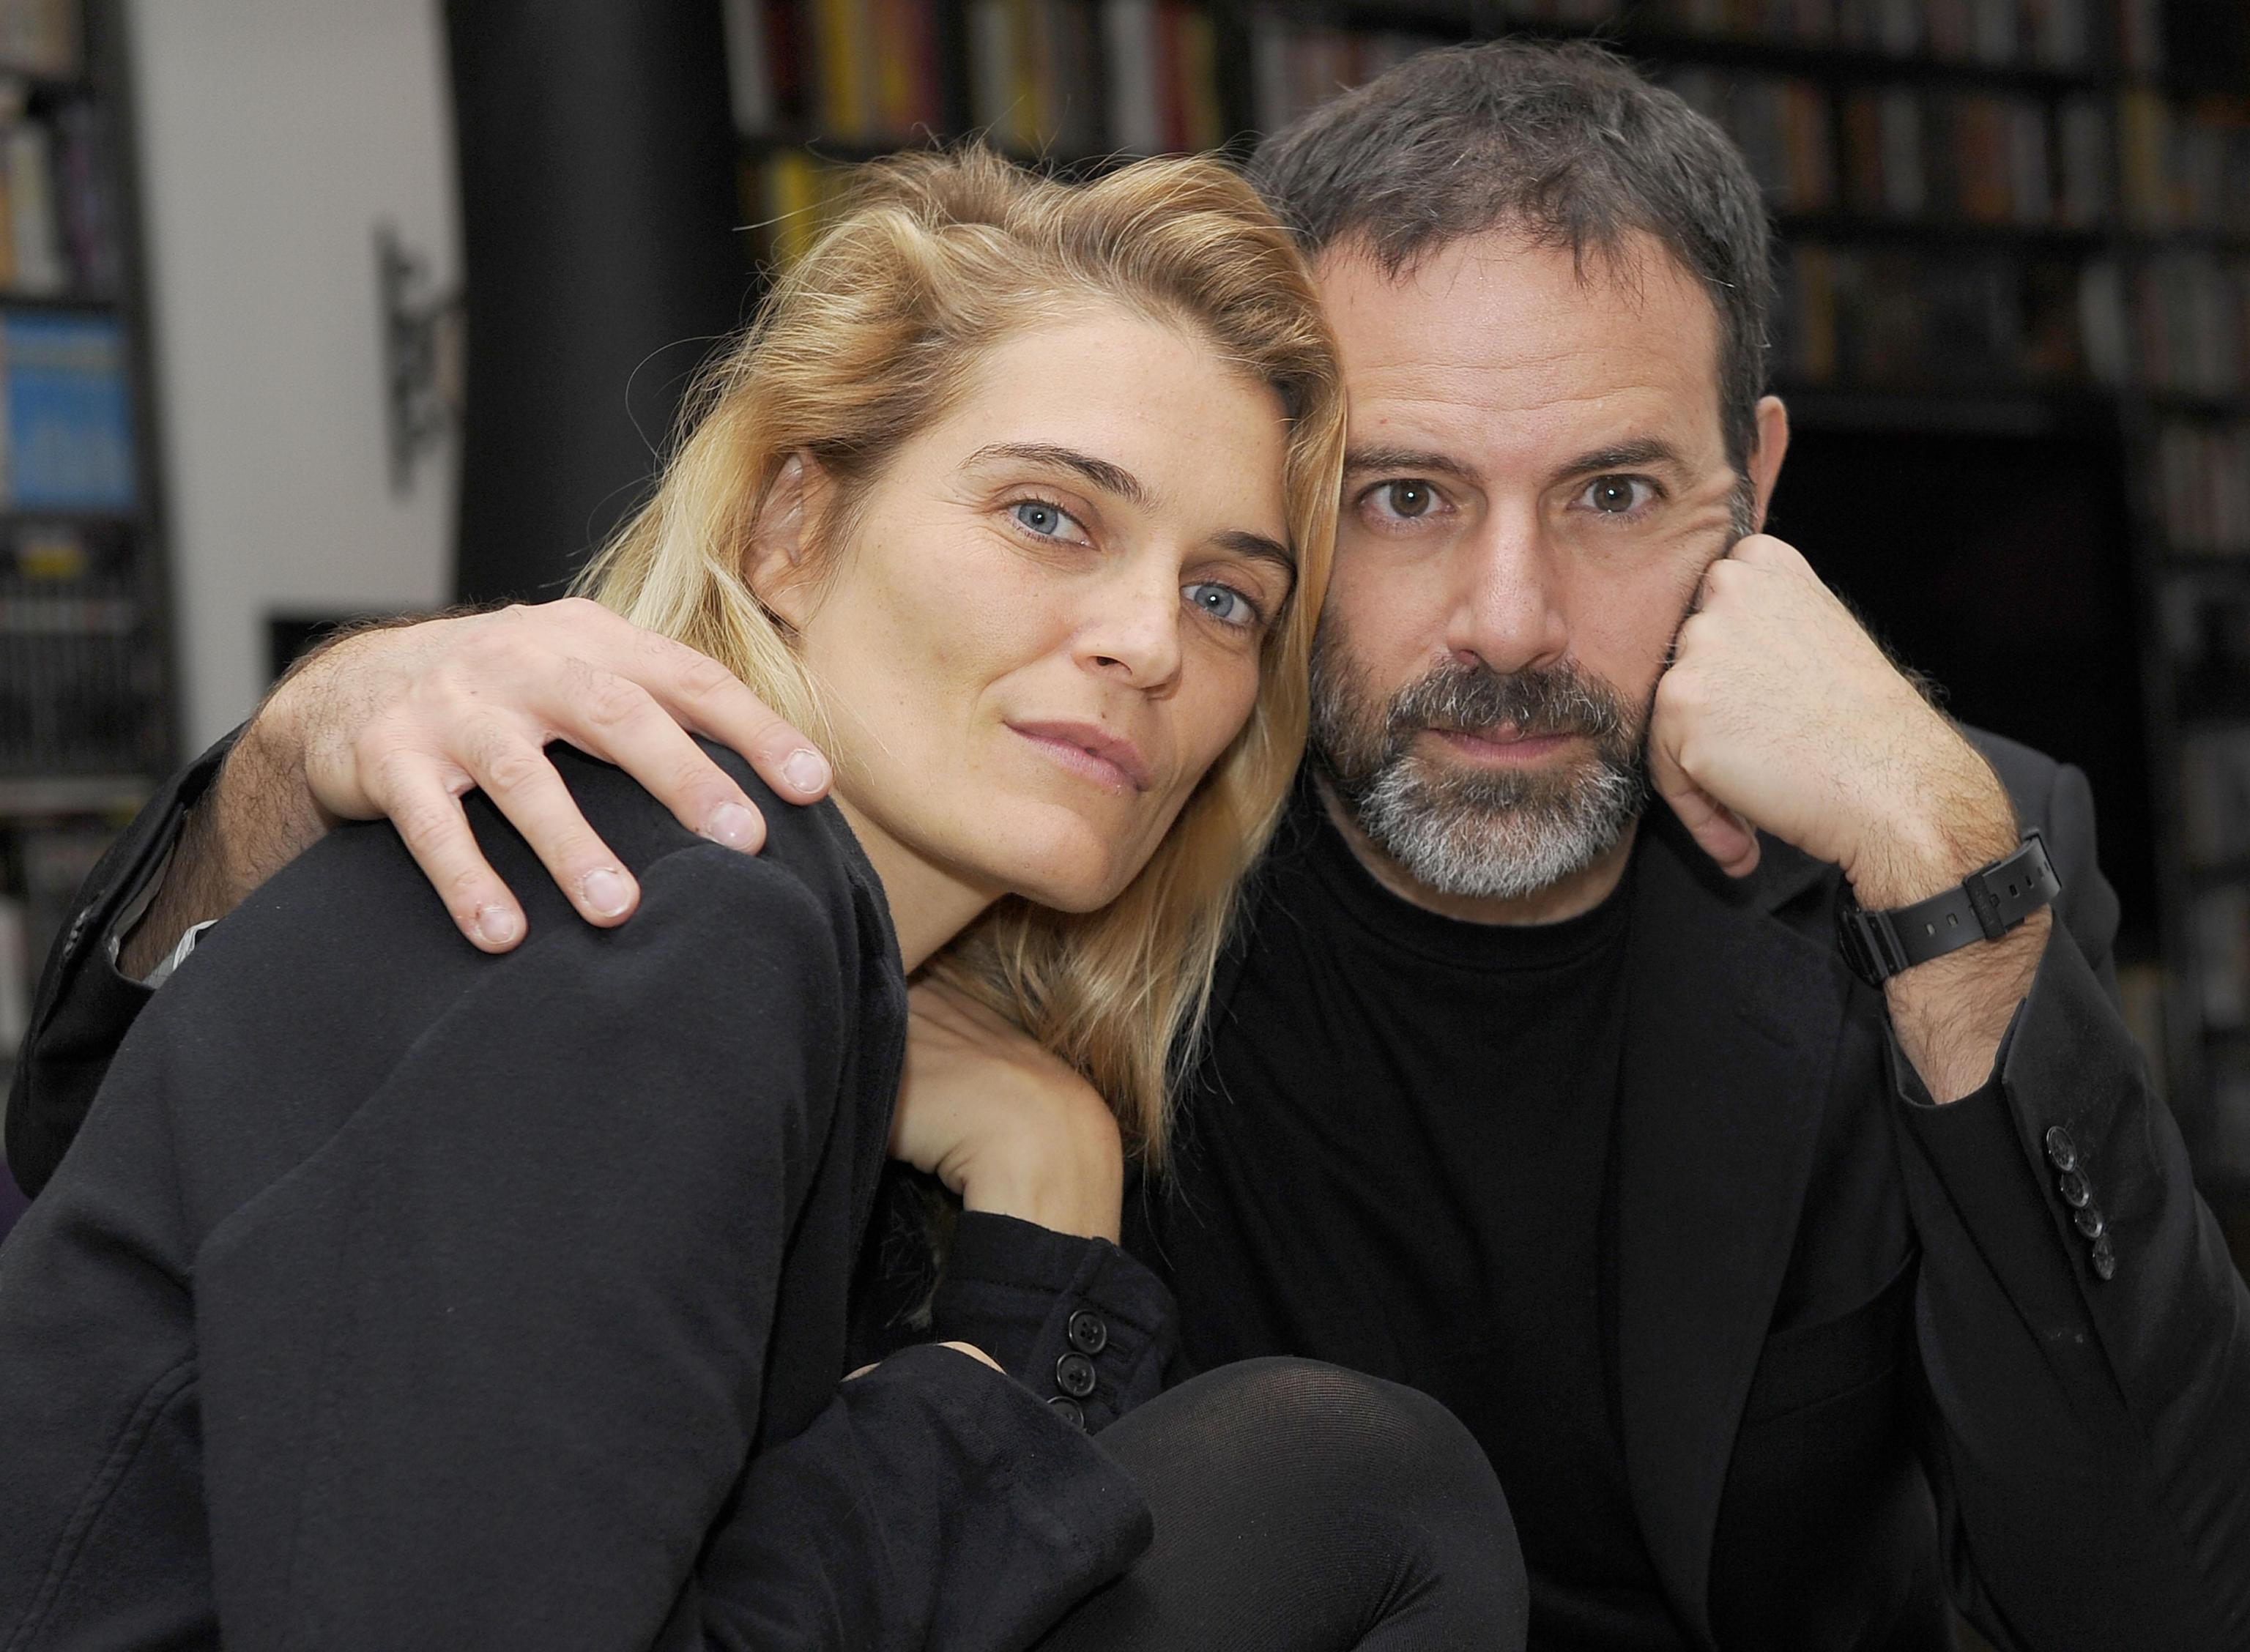 Claudia Zanella difende il marito Fausto Brizzi: 'Le accuse di molestie? Per me solo voci'